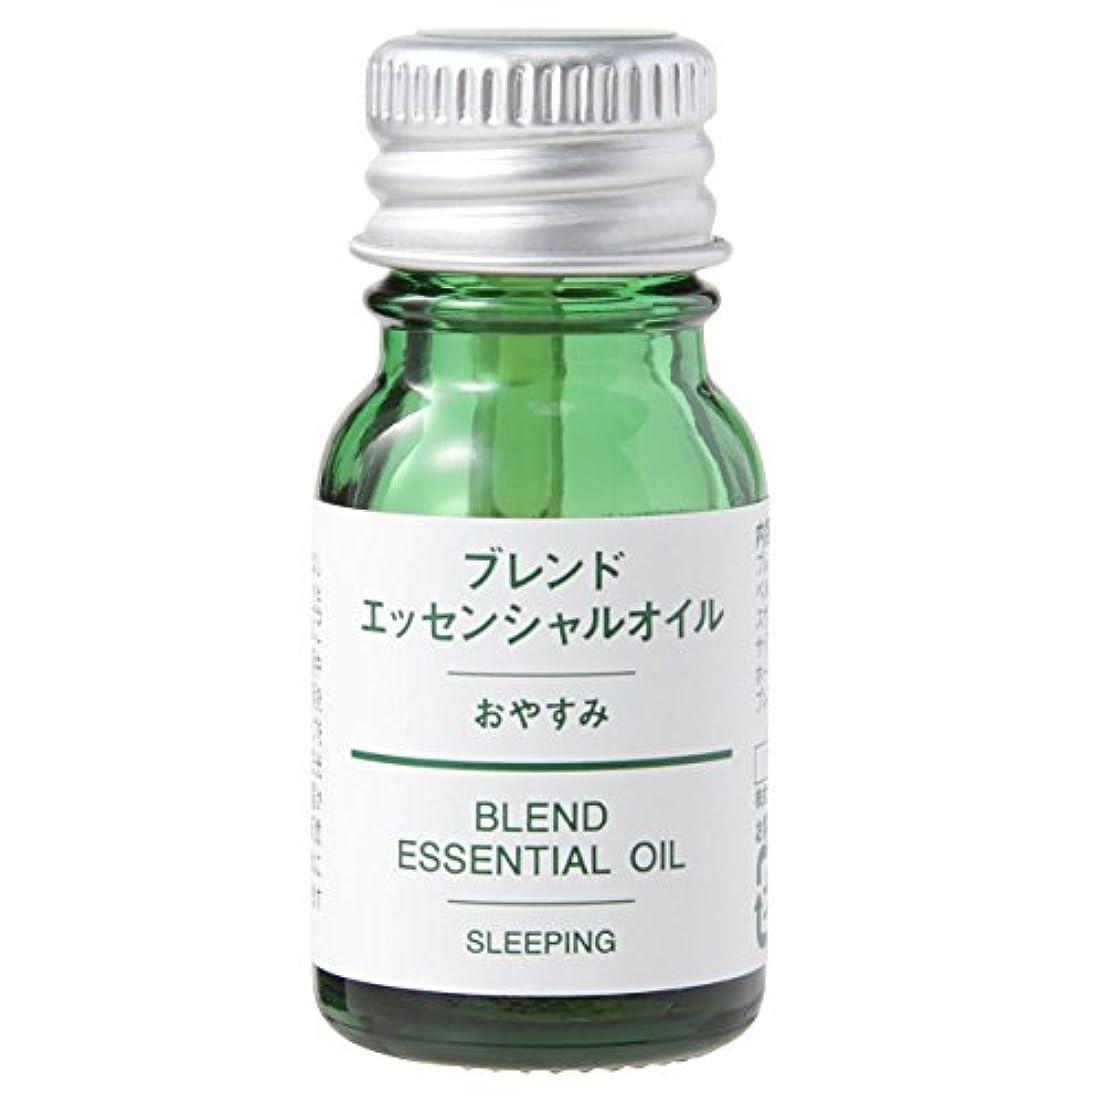 アルミニウム含む魅力的であることへのアピール無印良品 ブレンドエッセンシャルオイル?おやすみ 10ml